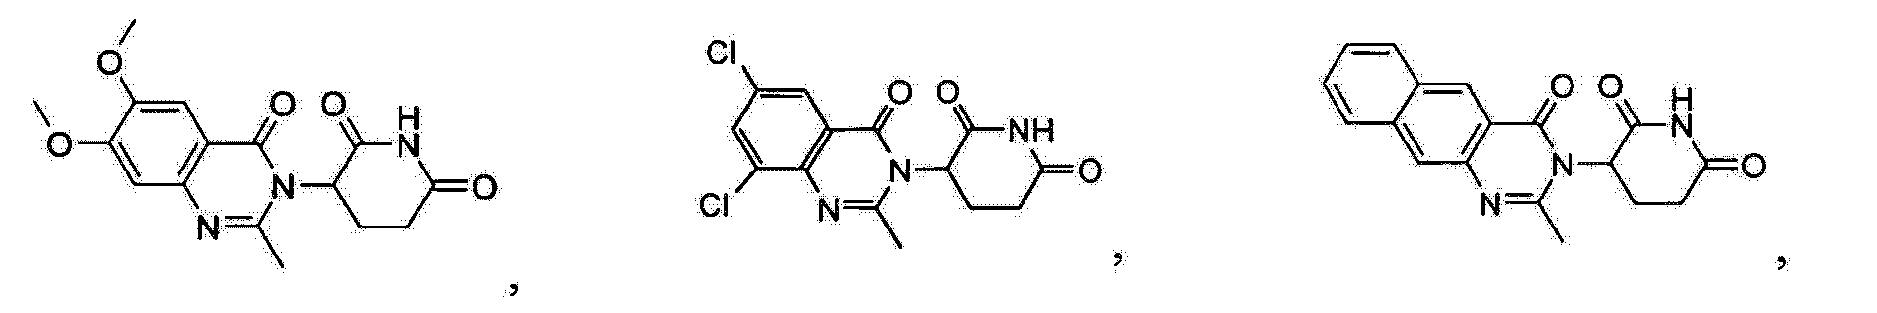 Figure CN104211684AC00082